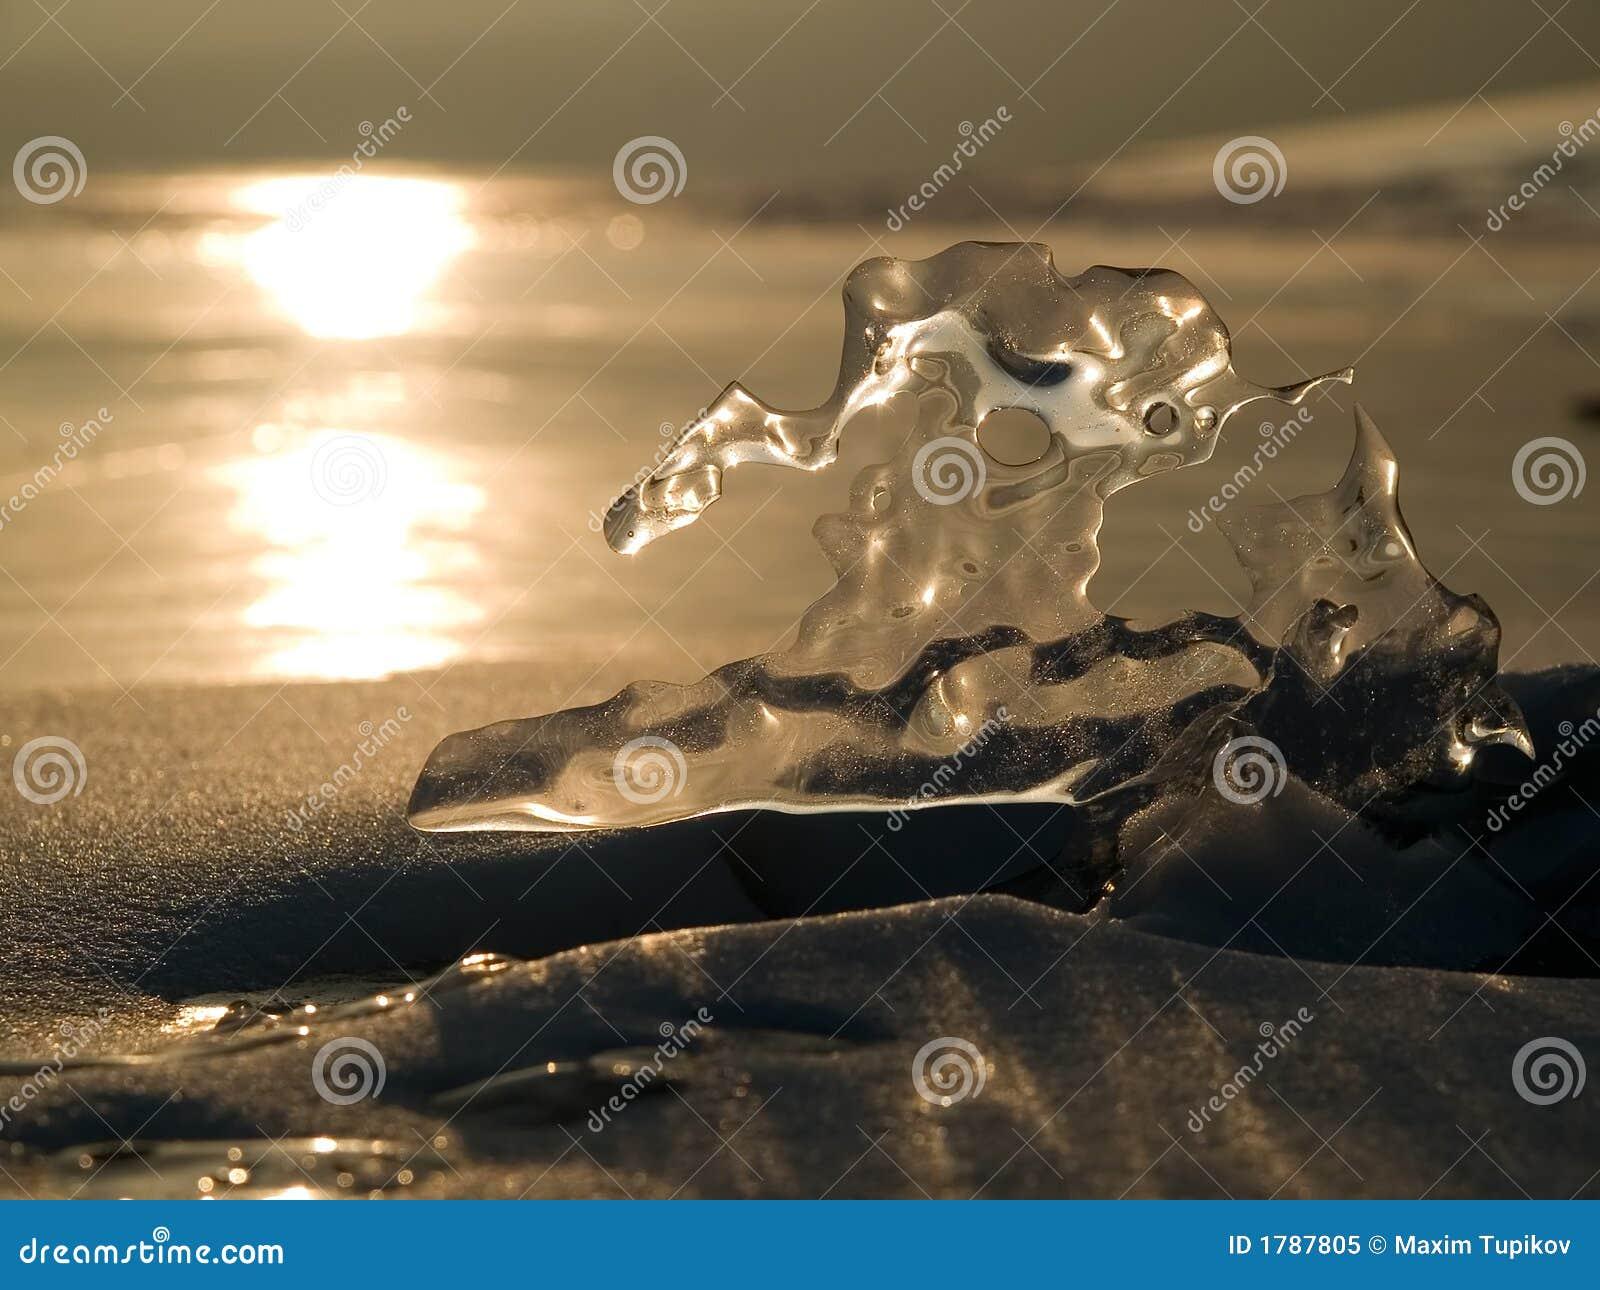 Icelight przeciwko świetnemu słońcu